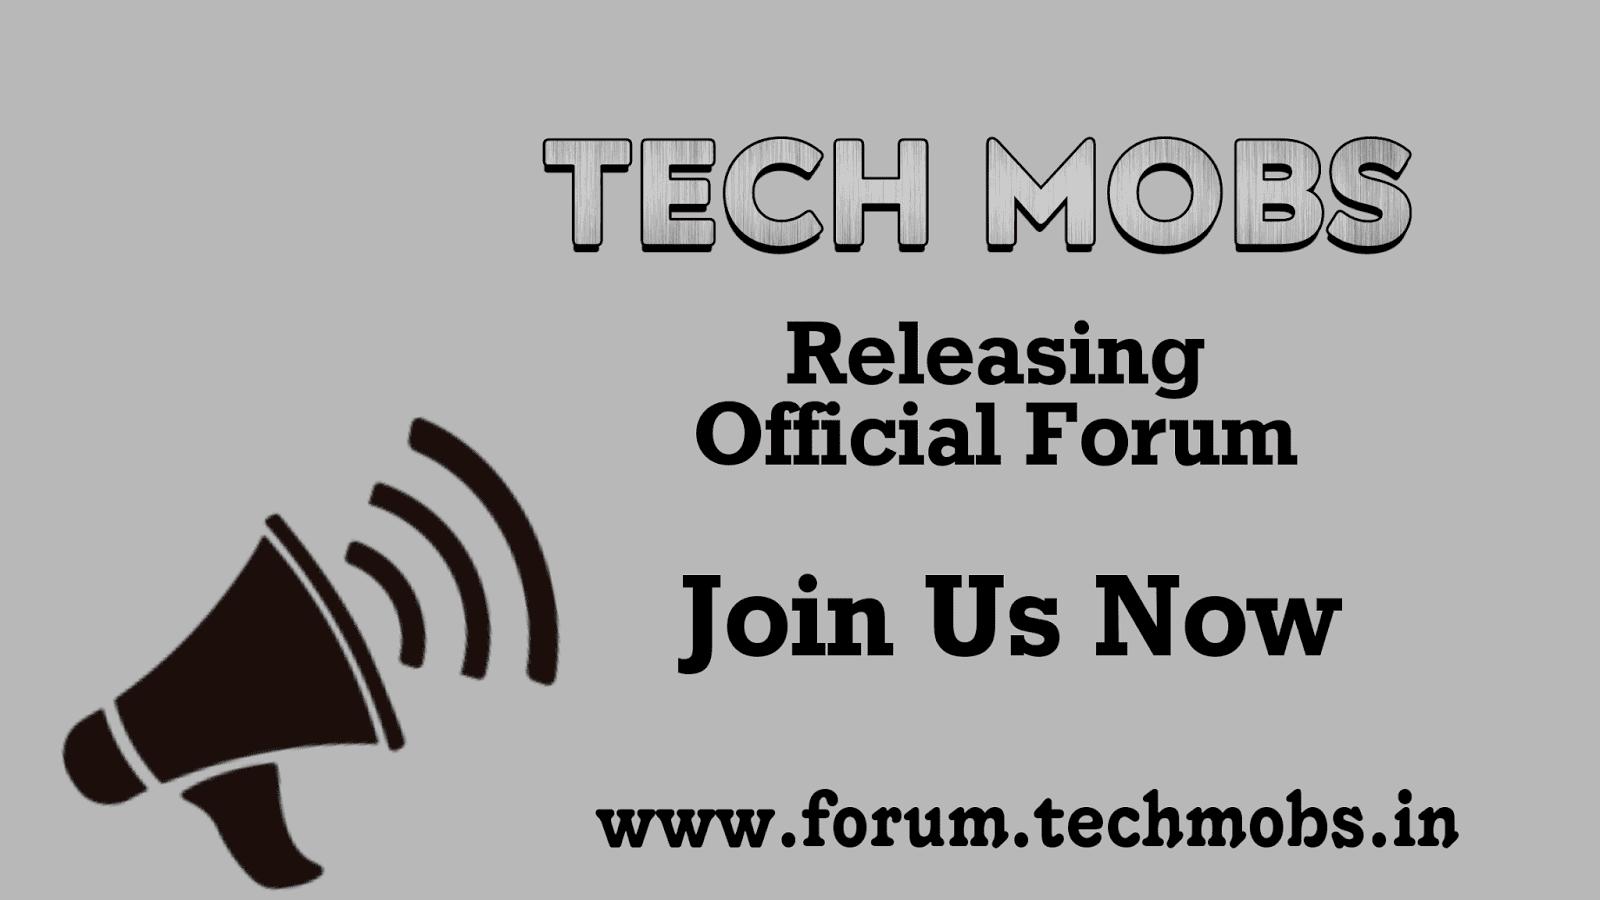 TECH MOBS - Forum